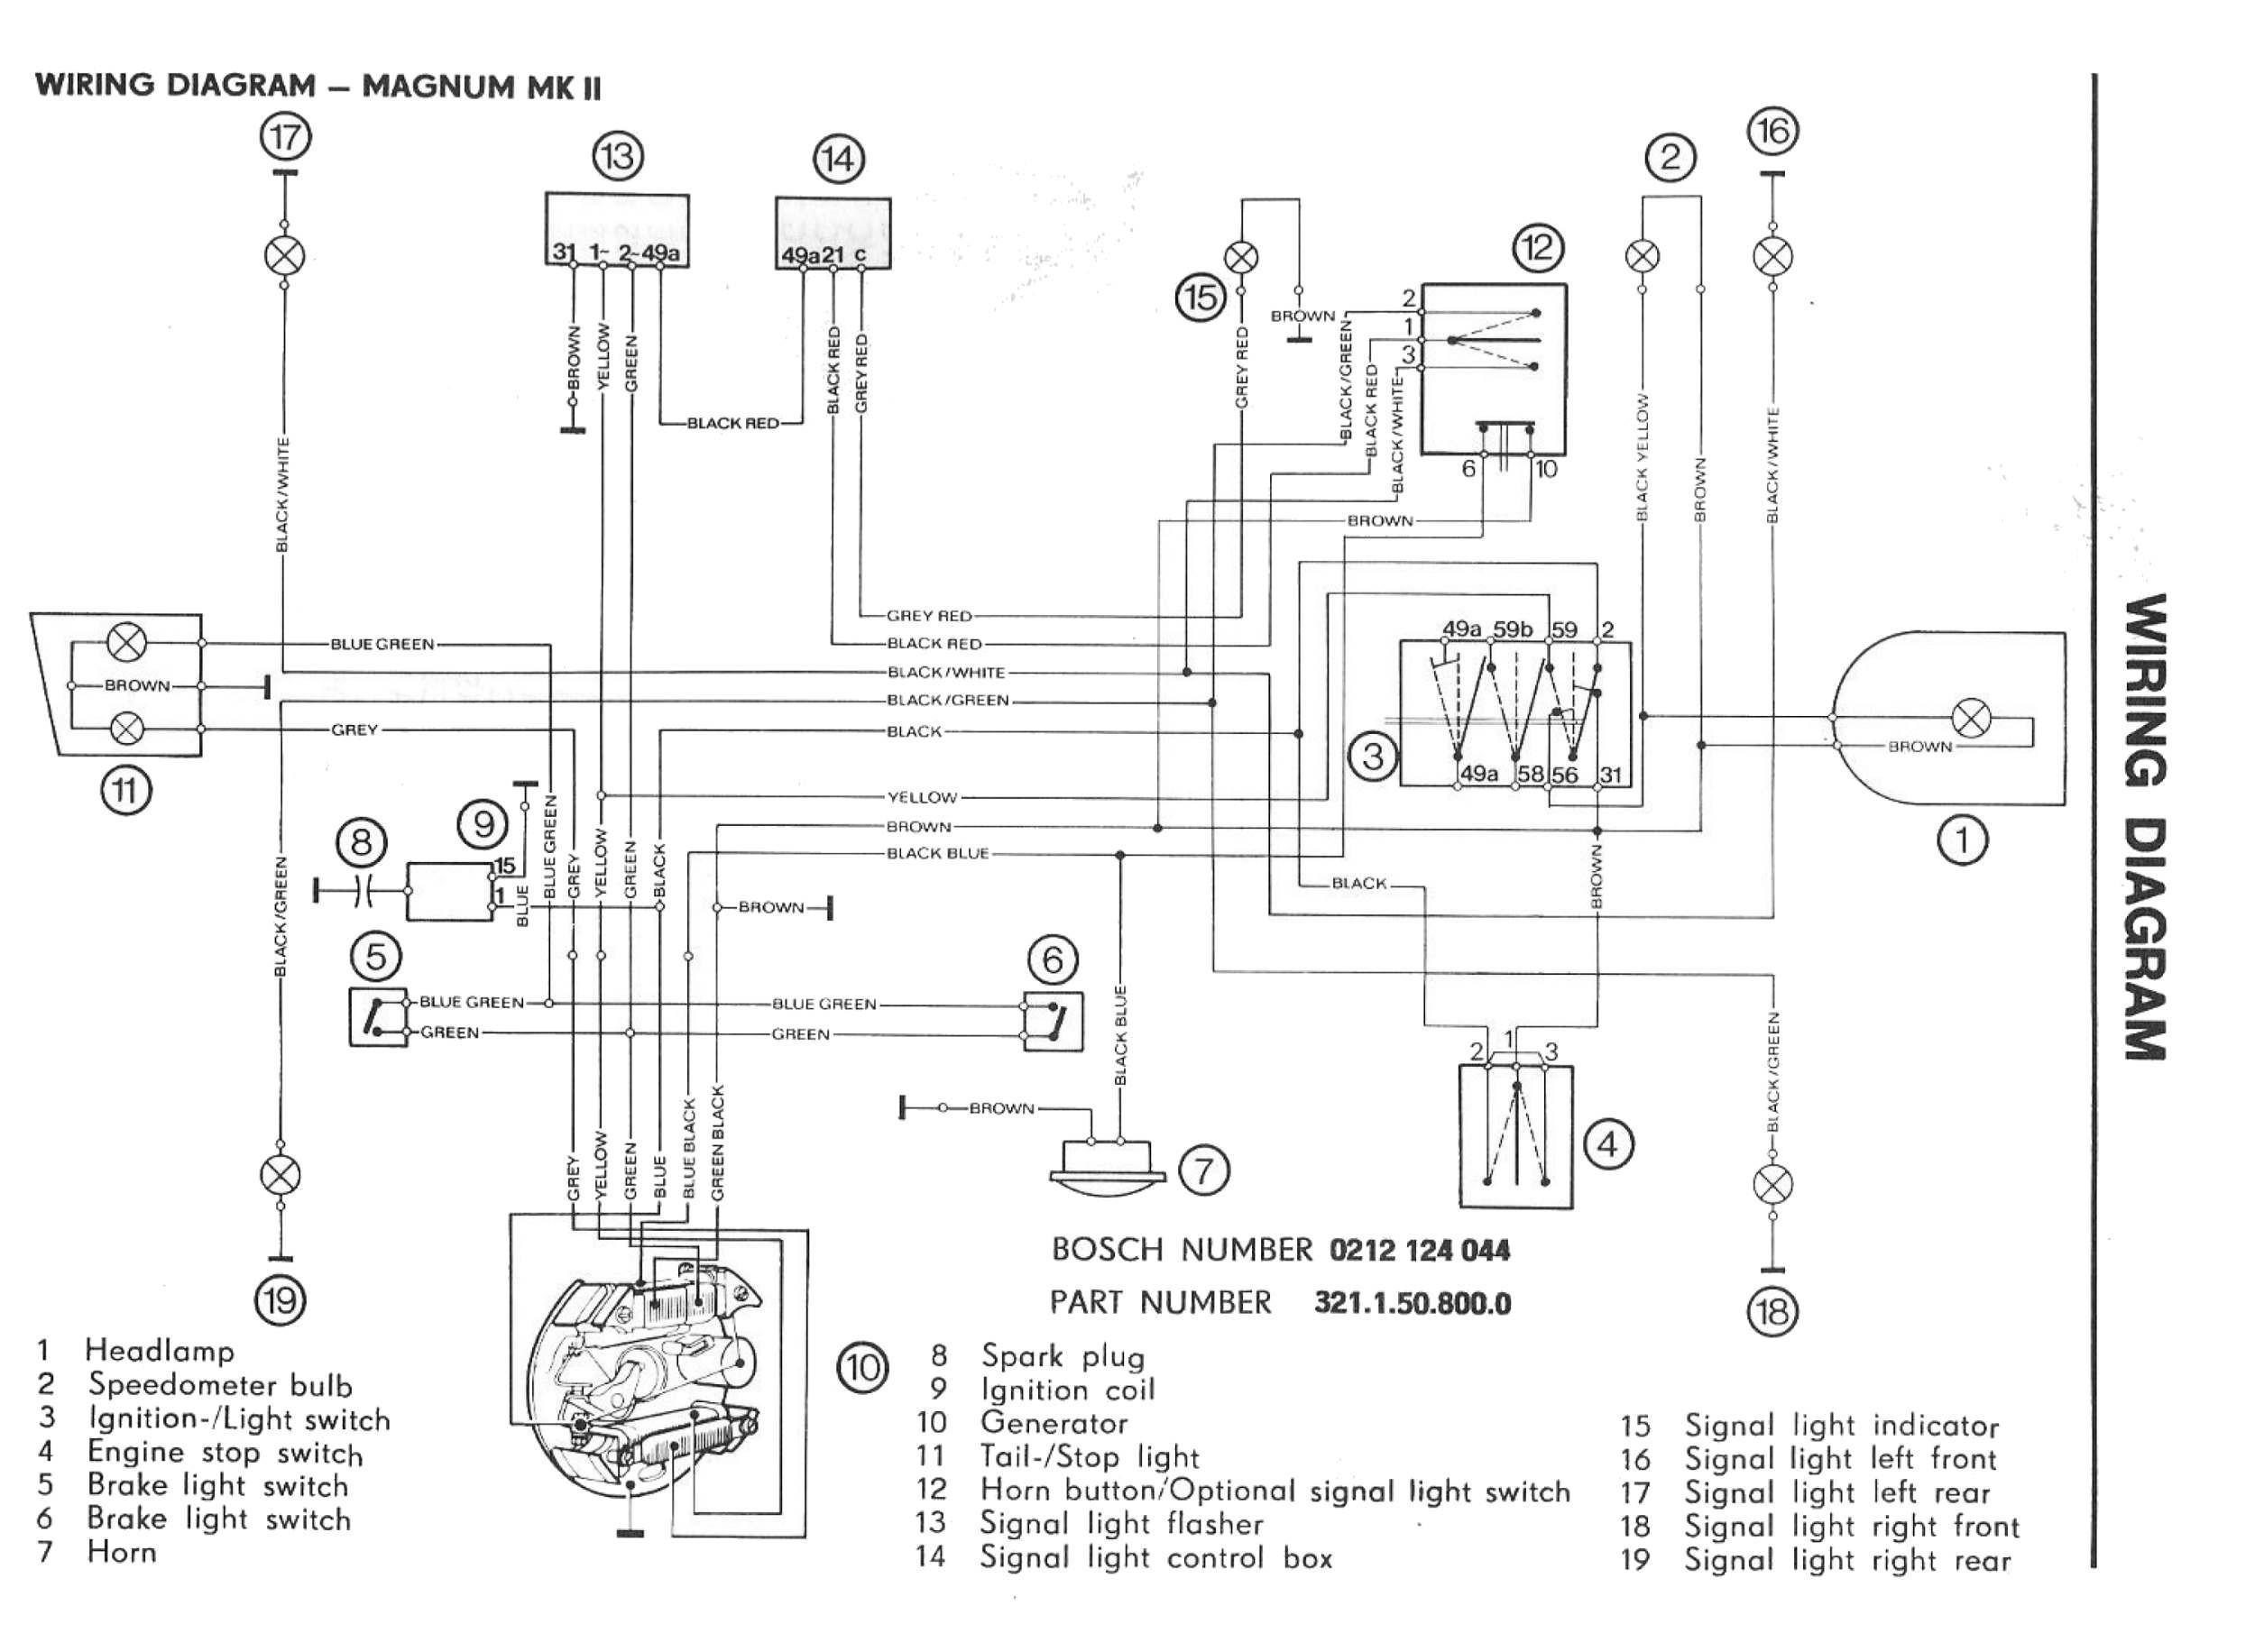 madami wiring diagram